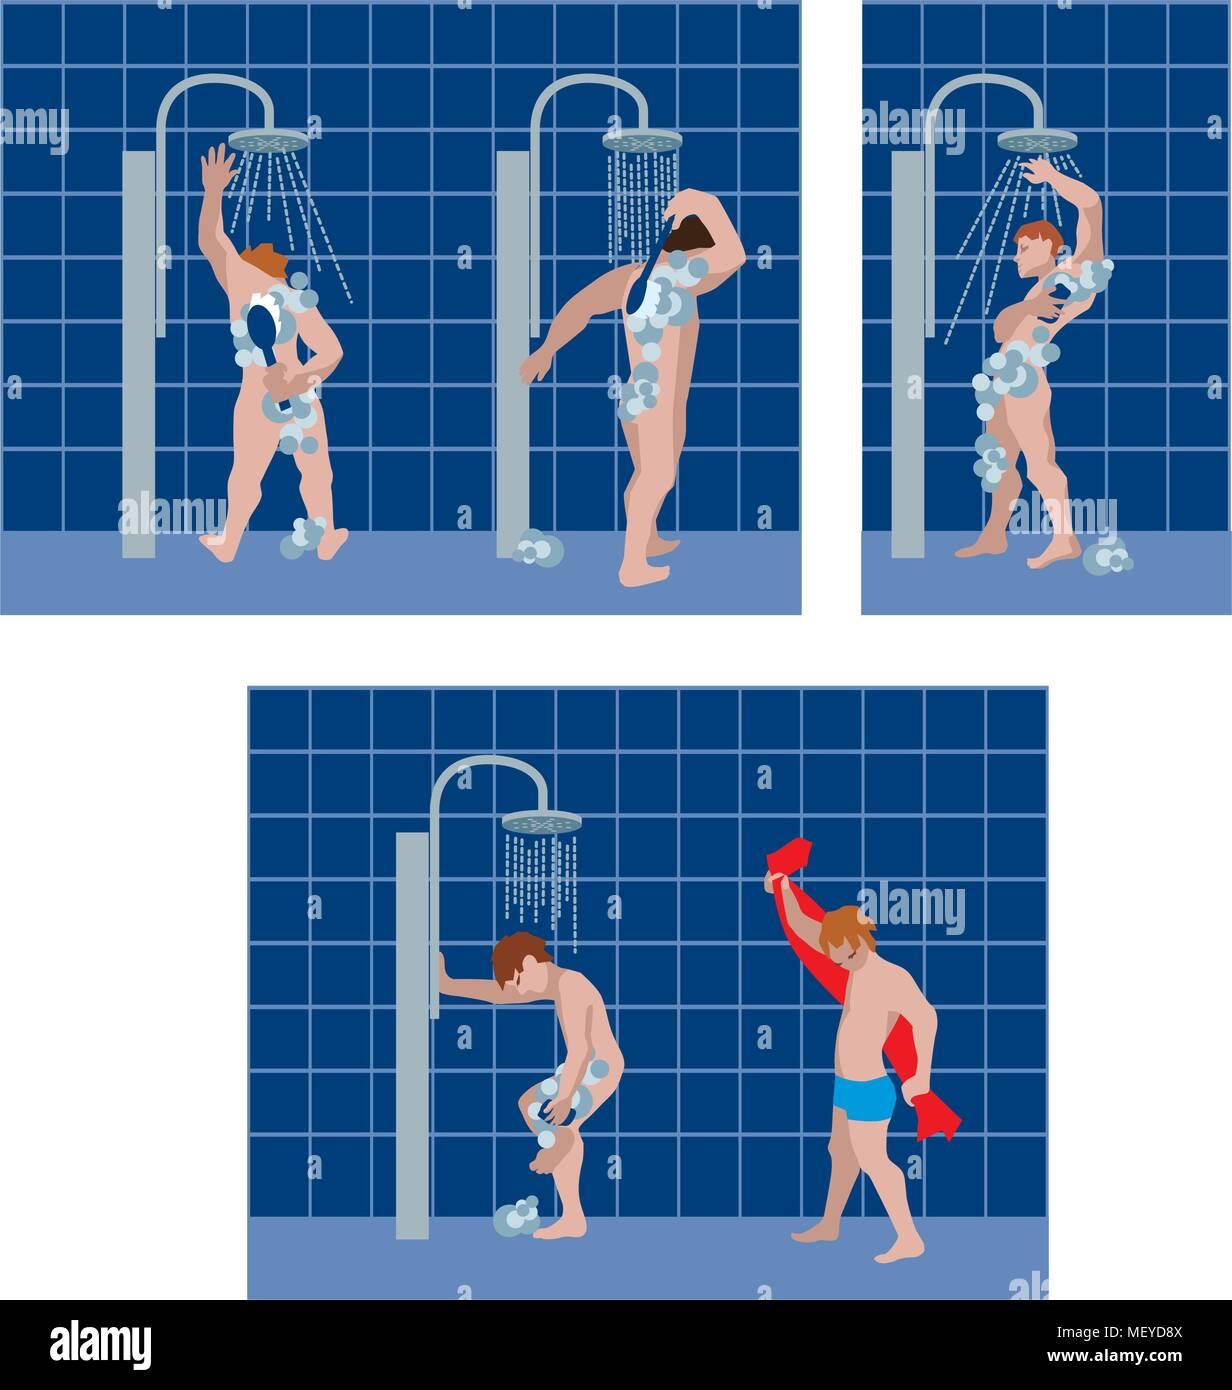 Vector illustration d'hommes de prendre une douche dans une salle de bains publics. Photo Stock